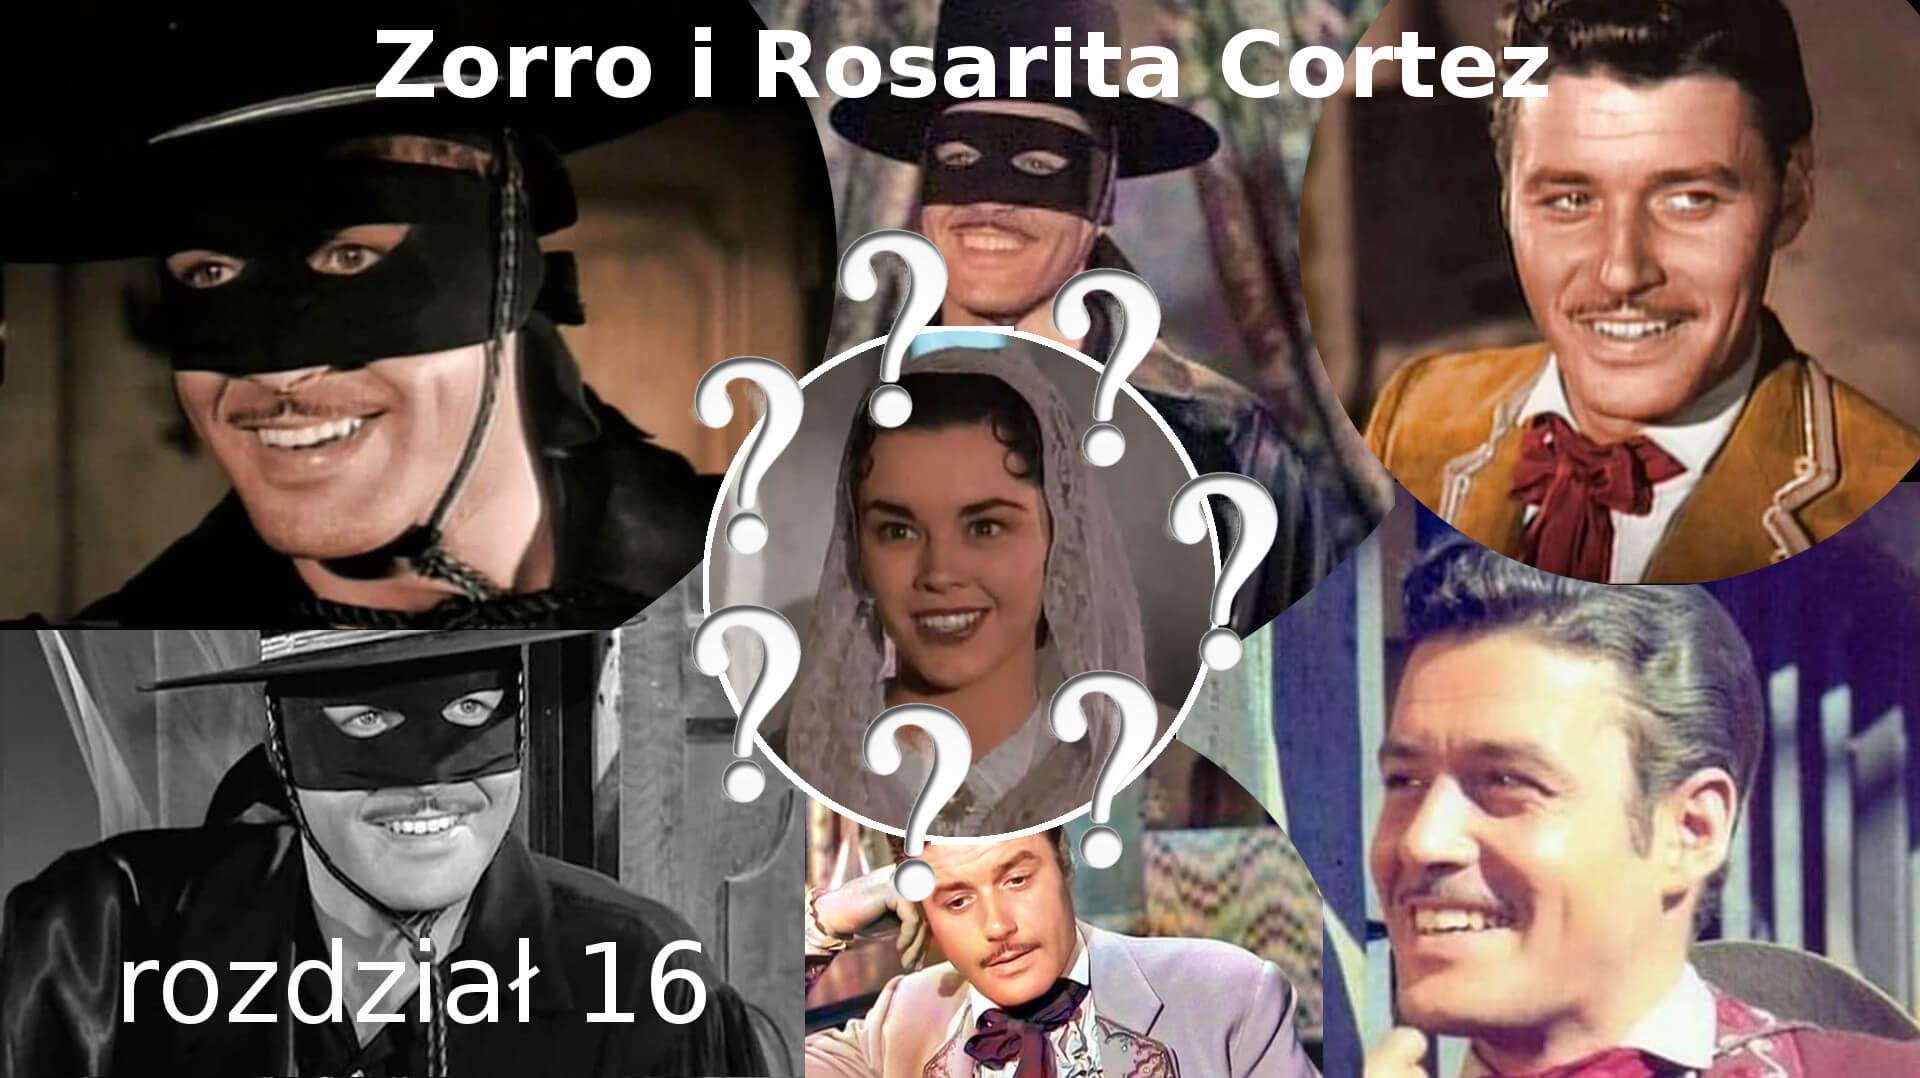 Zorro i Rosarita Cortez rozdział 16 Zorro fanfiction